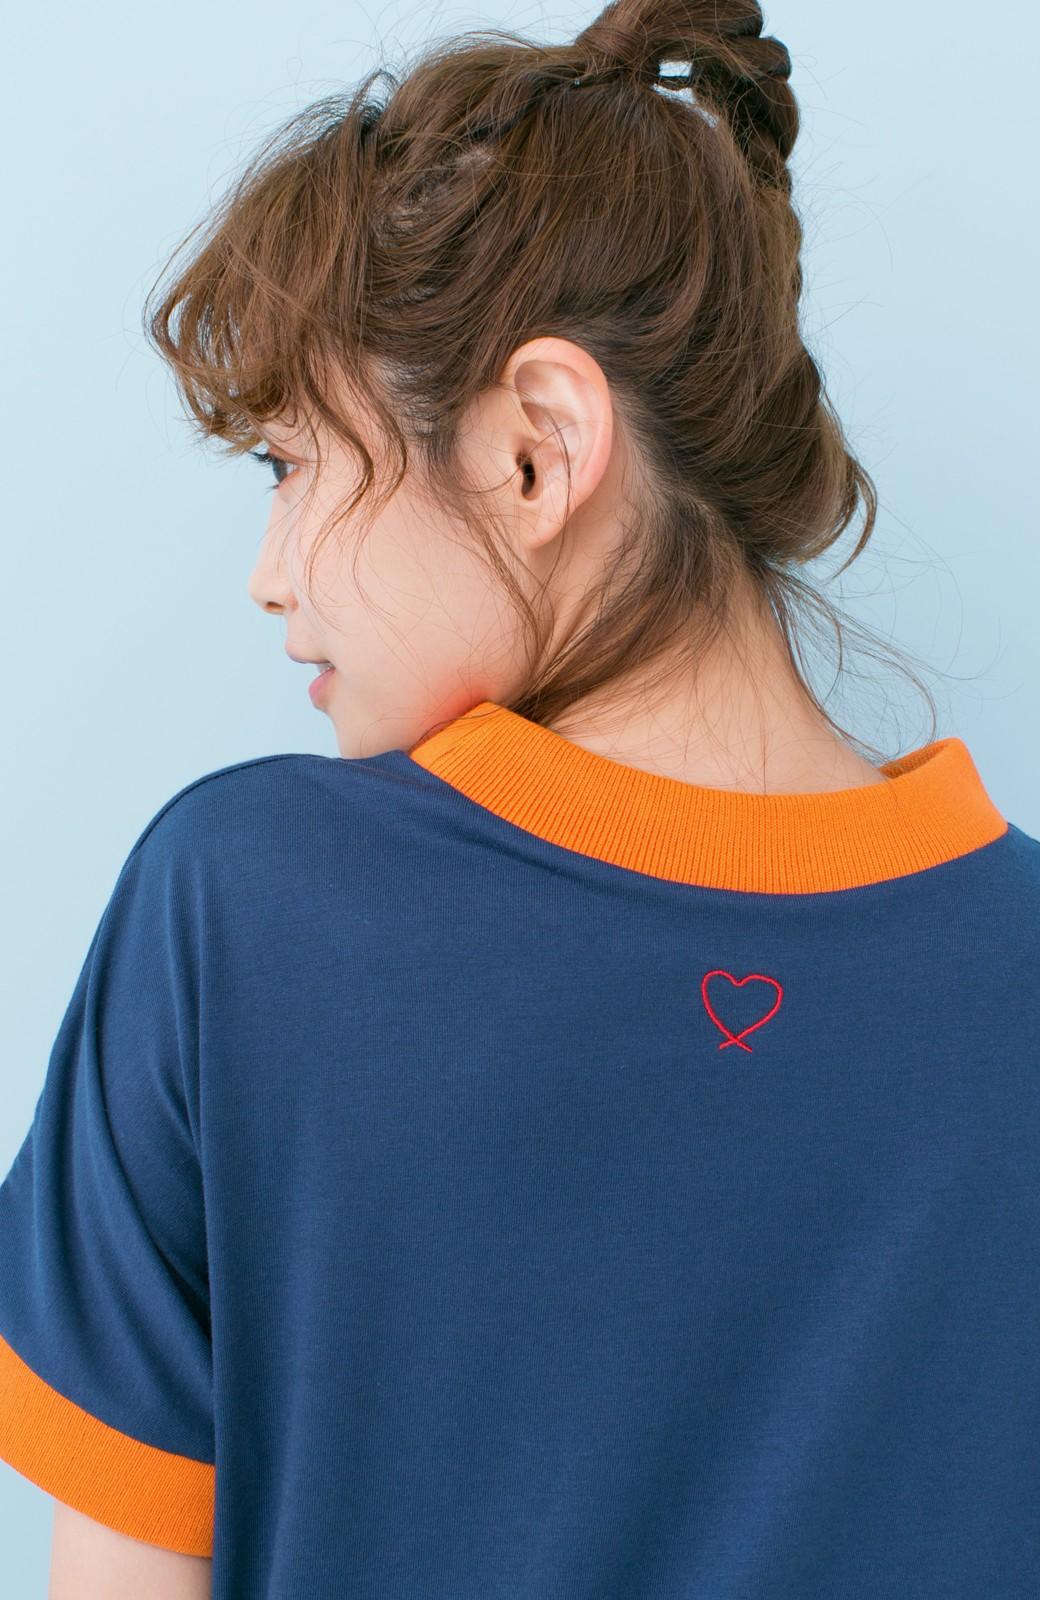 haco! PBP 高橋愛さんコラボ 手描きハート刺しゅうがかわいいコットンリンガーTシャツ <ネイビー>の商品写真3